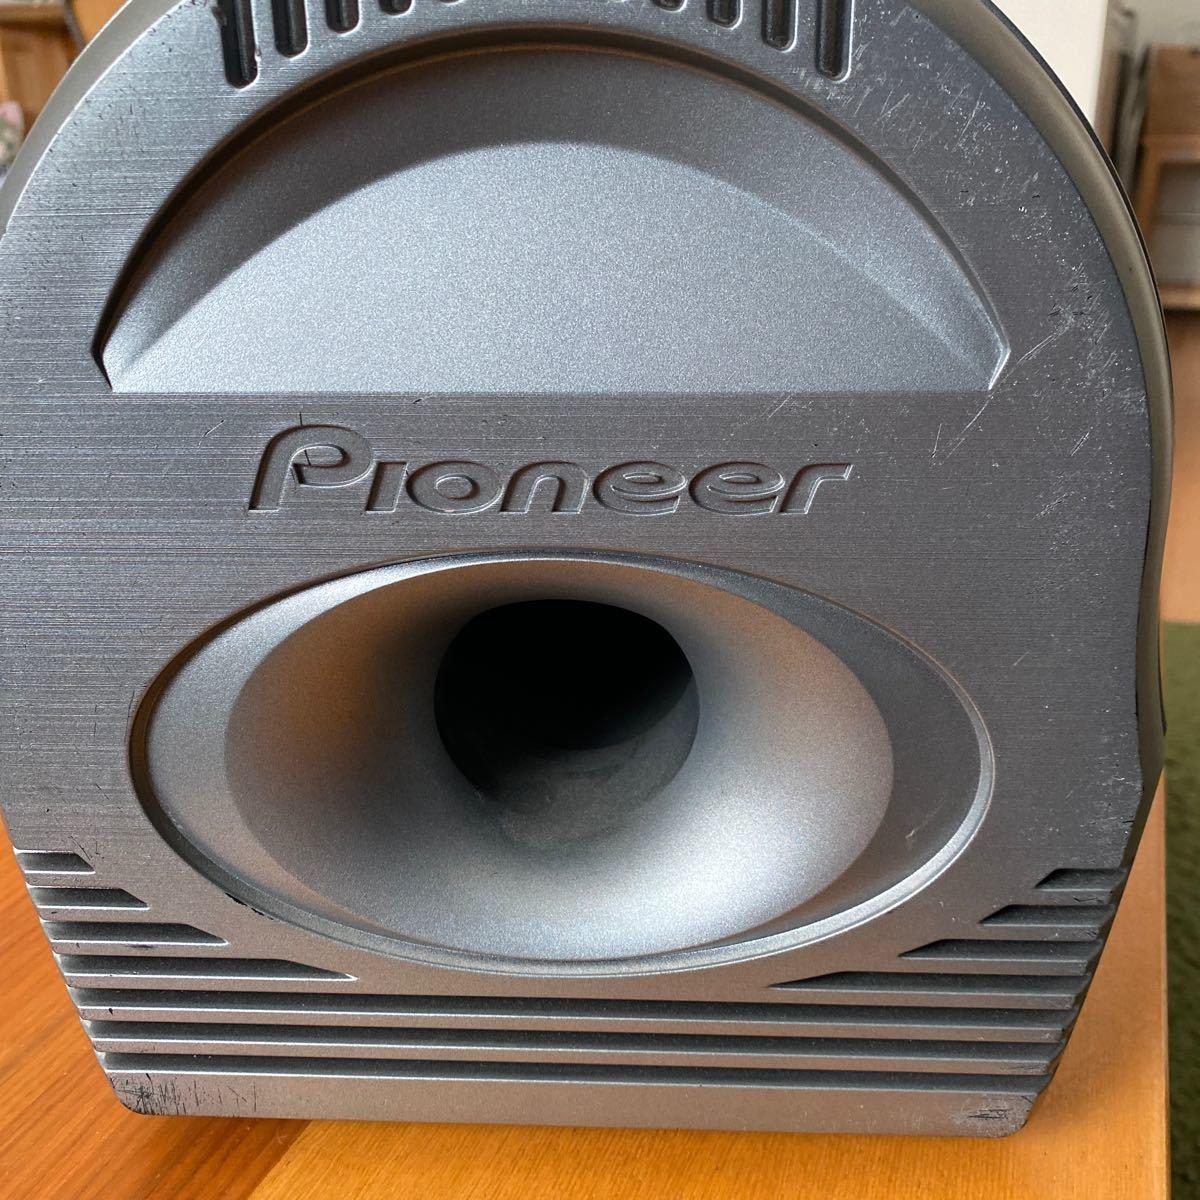 サブウーファー pioneer ts-wx55a_画像3